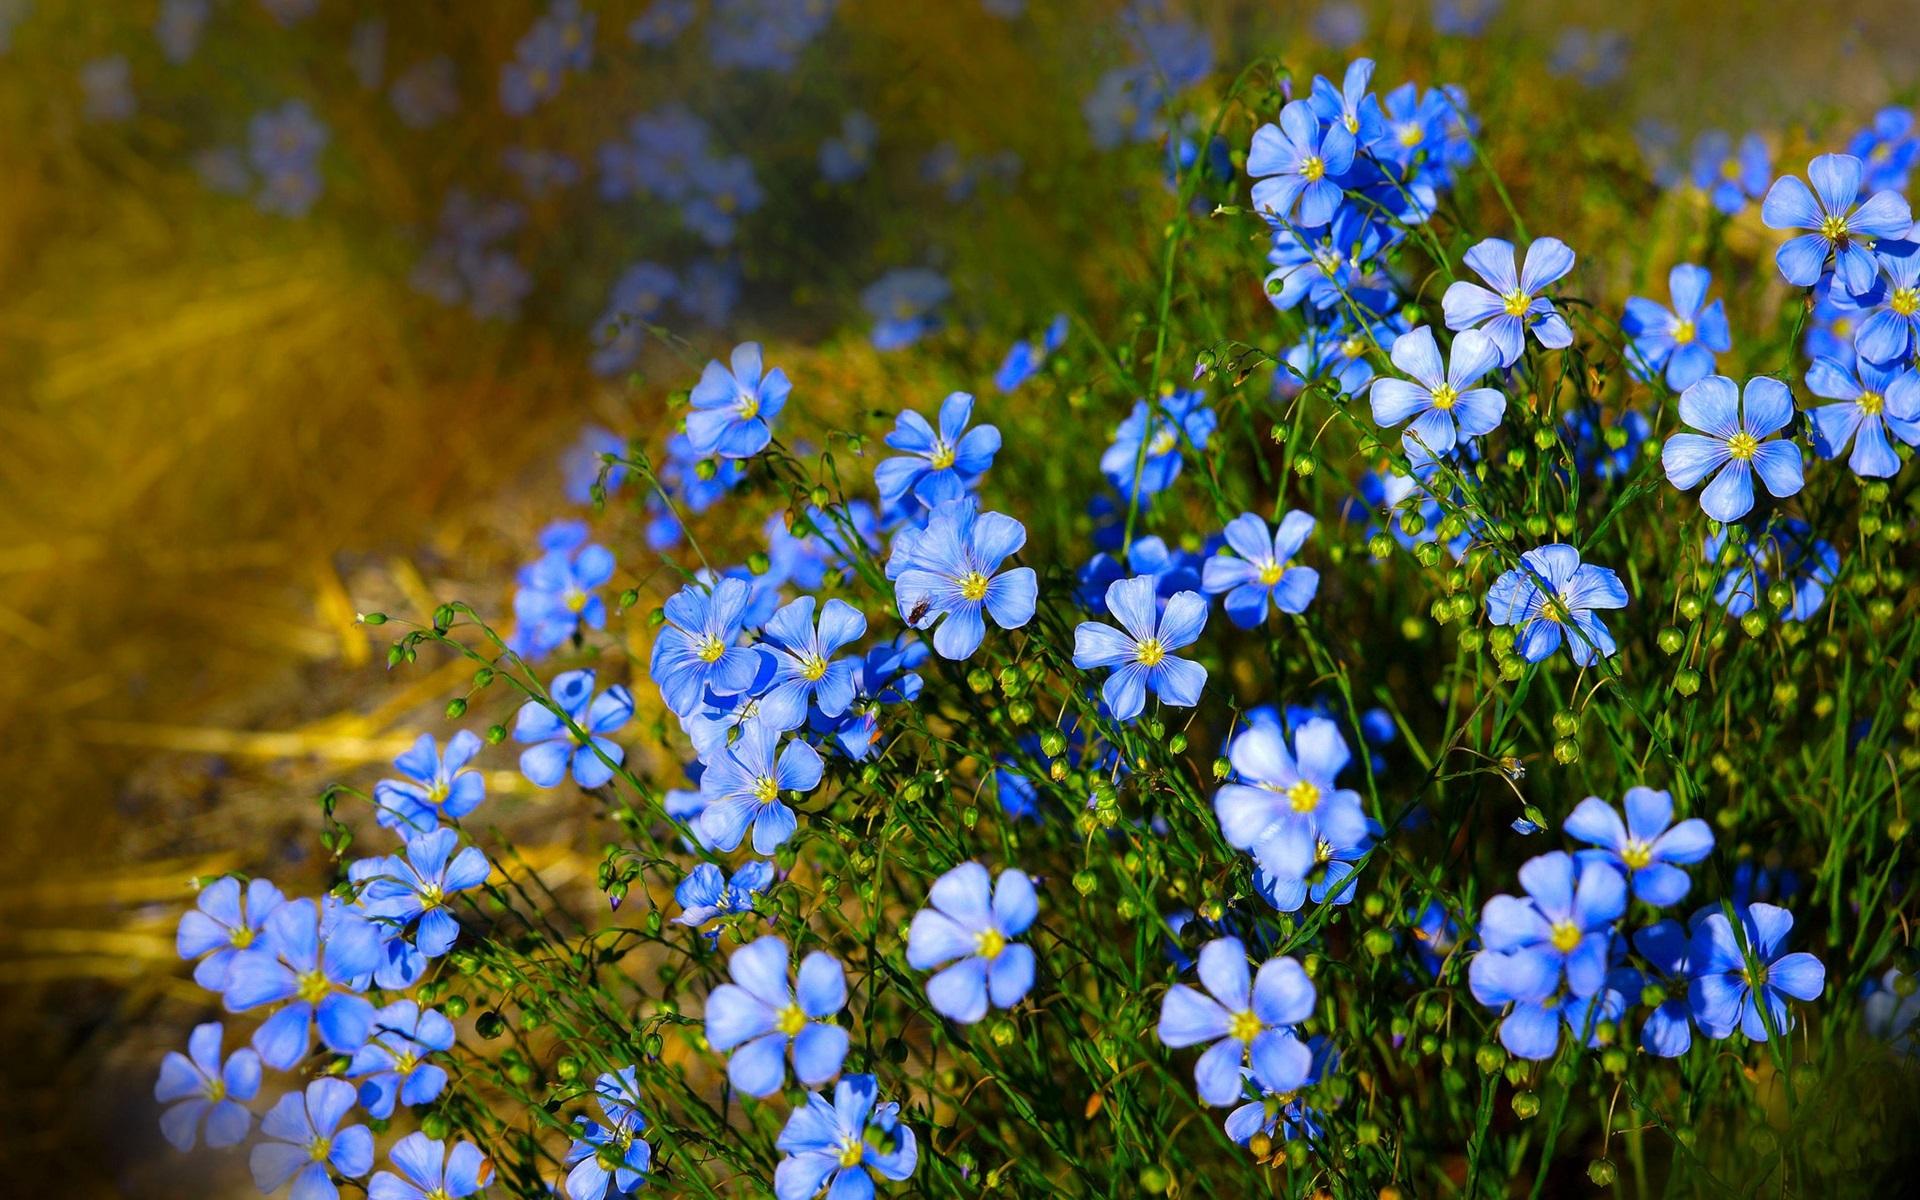 Imagenes De Fondo Flores Para Pantalla Hd 2: Fondos De Pantalla Flores Azules, Flores Silvestres